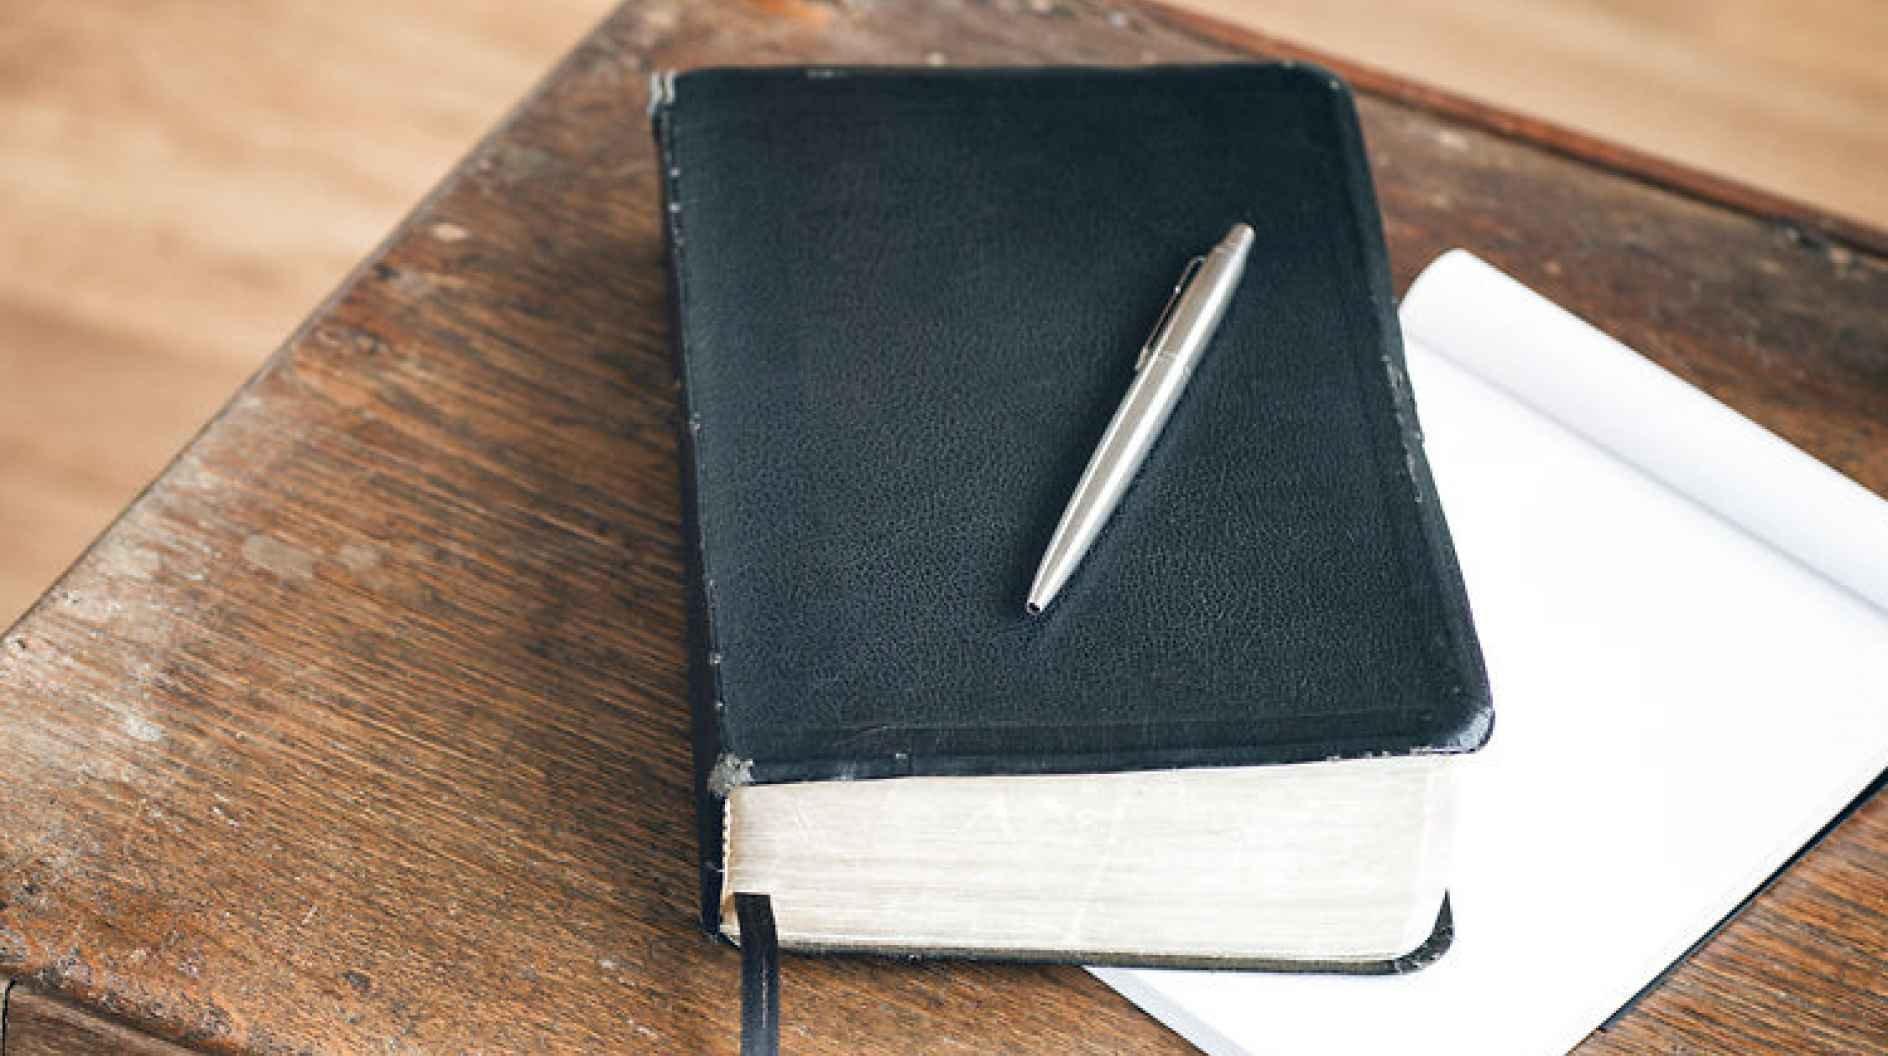 Hvad den kristne er, er han i evighed ved Guds bestemmelse, mener sognepræst.